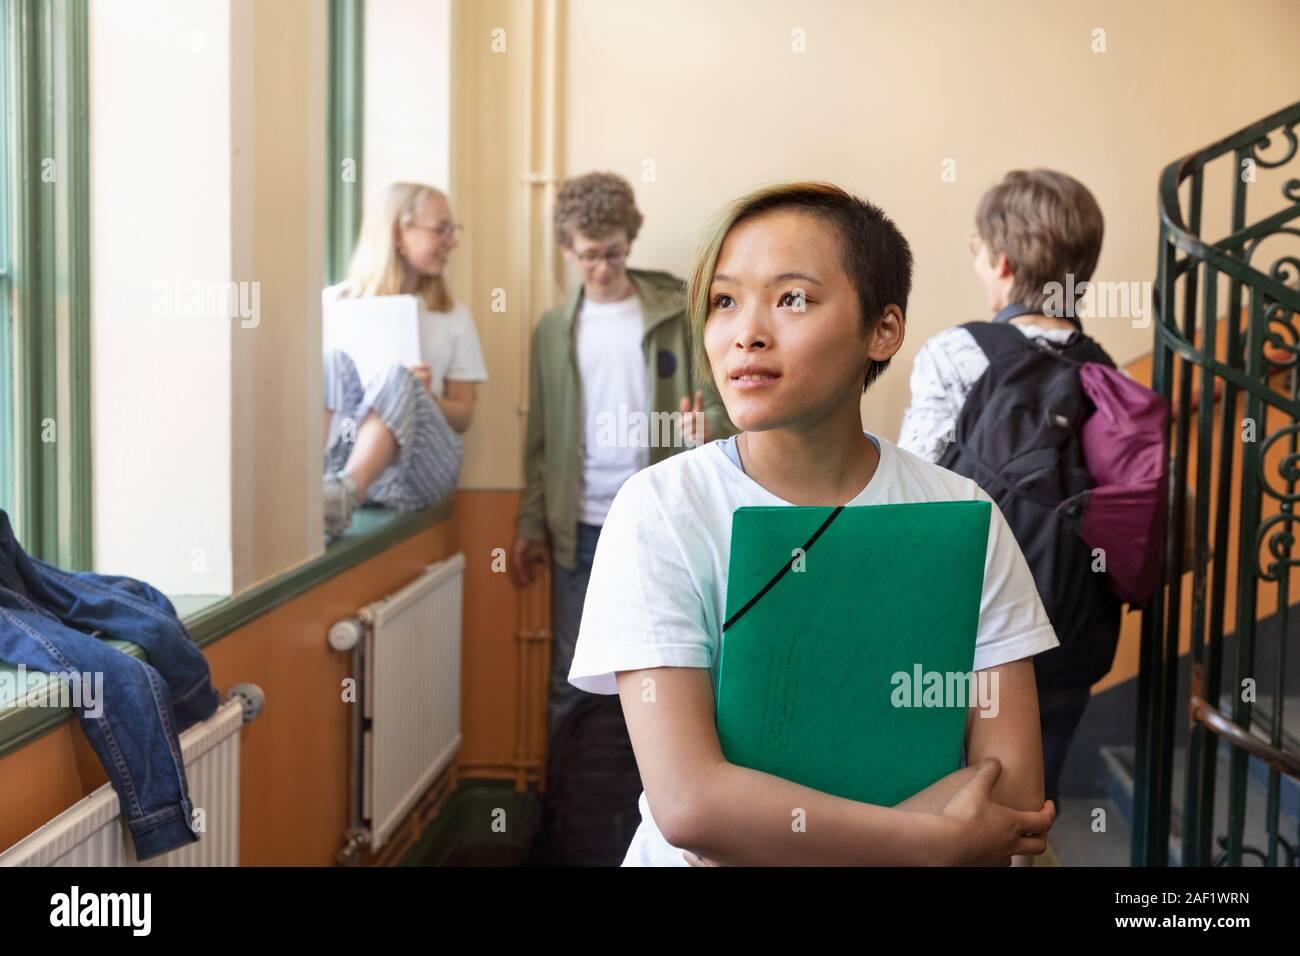 Teenage girl on corridor Stock Photo